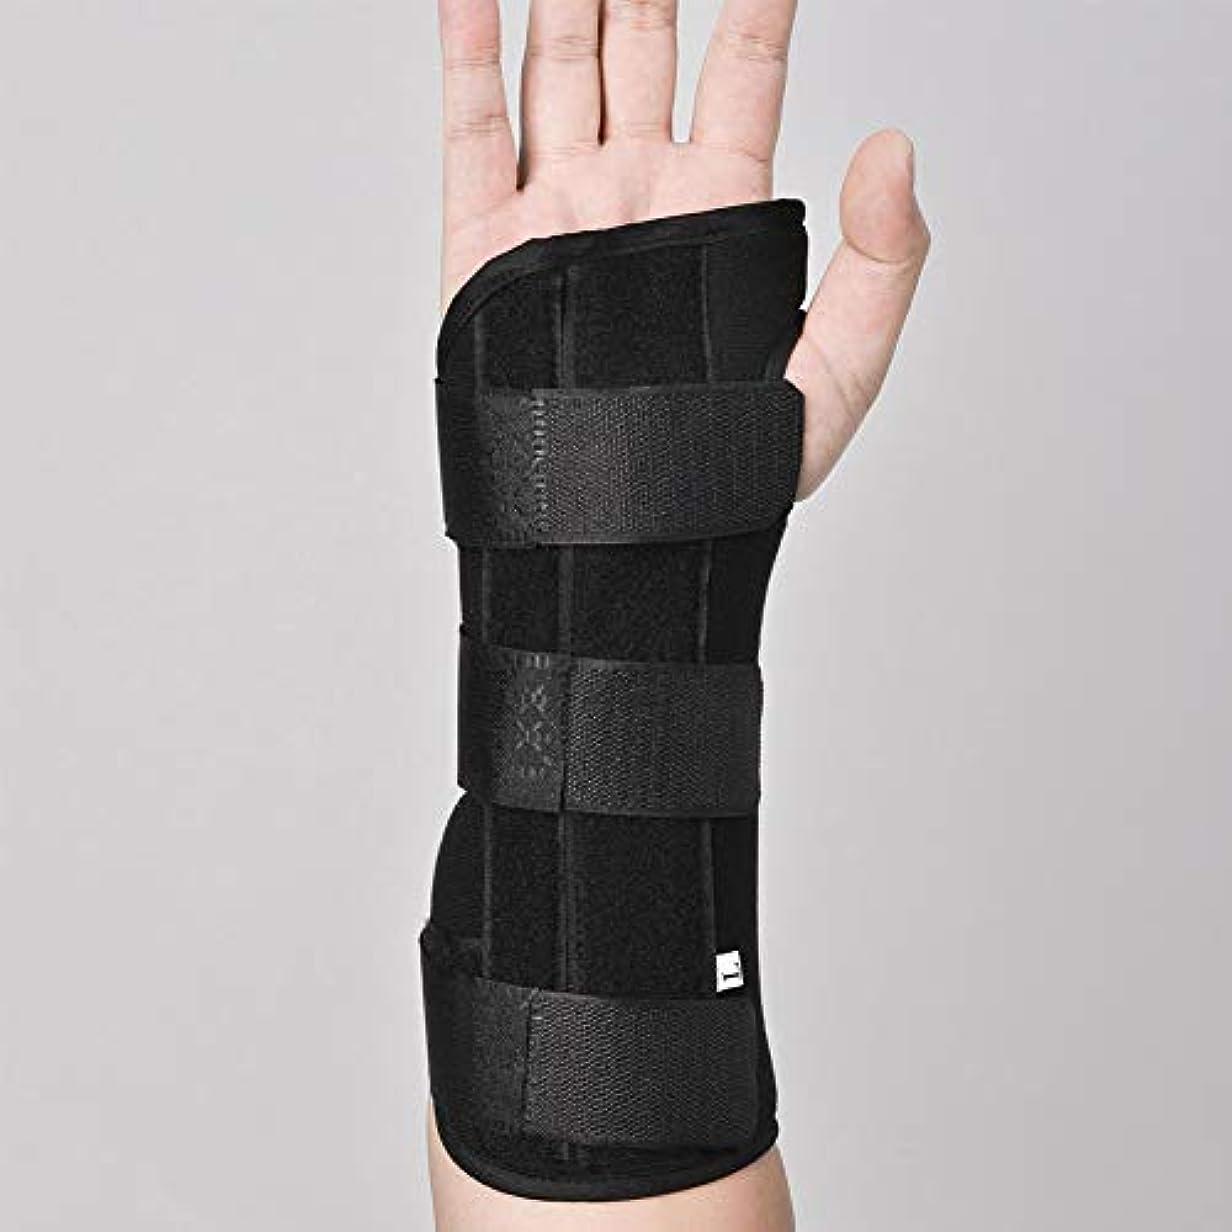 拍車第二スワップ捻挫および成人用に適した関節炎のためのアルミニウム副木矯正ストラップ痛み緩和と手首の関節,Lefthand,S